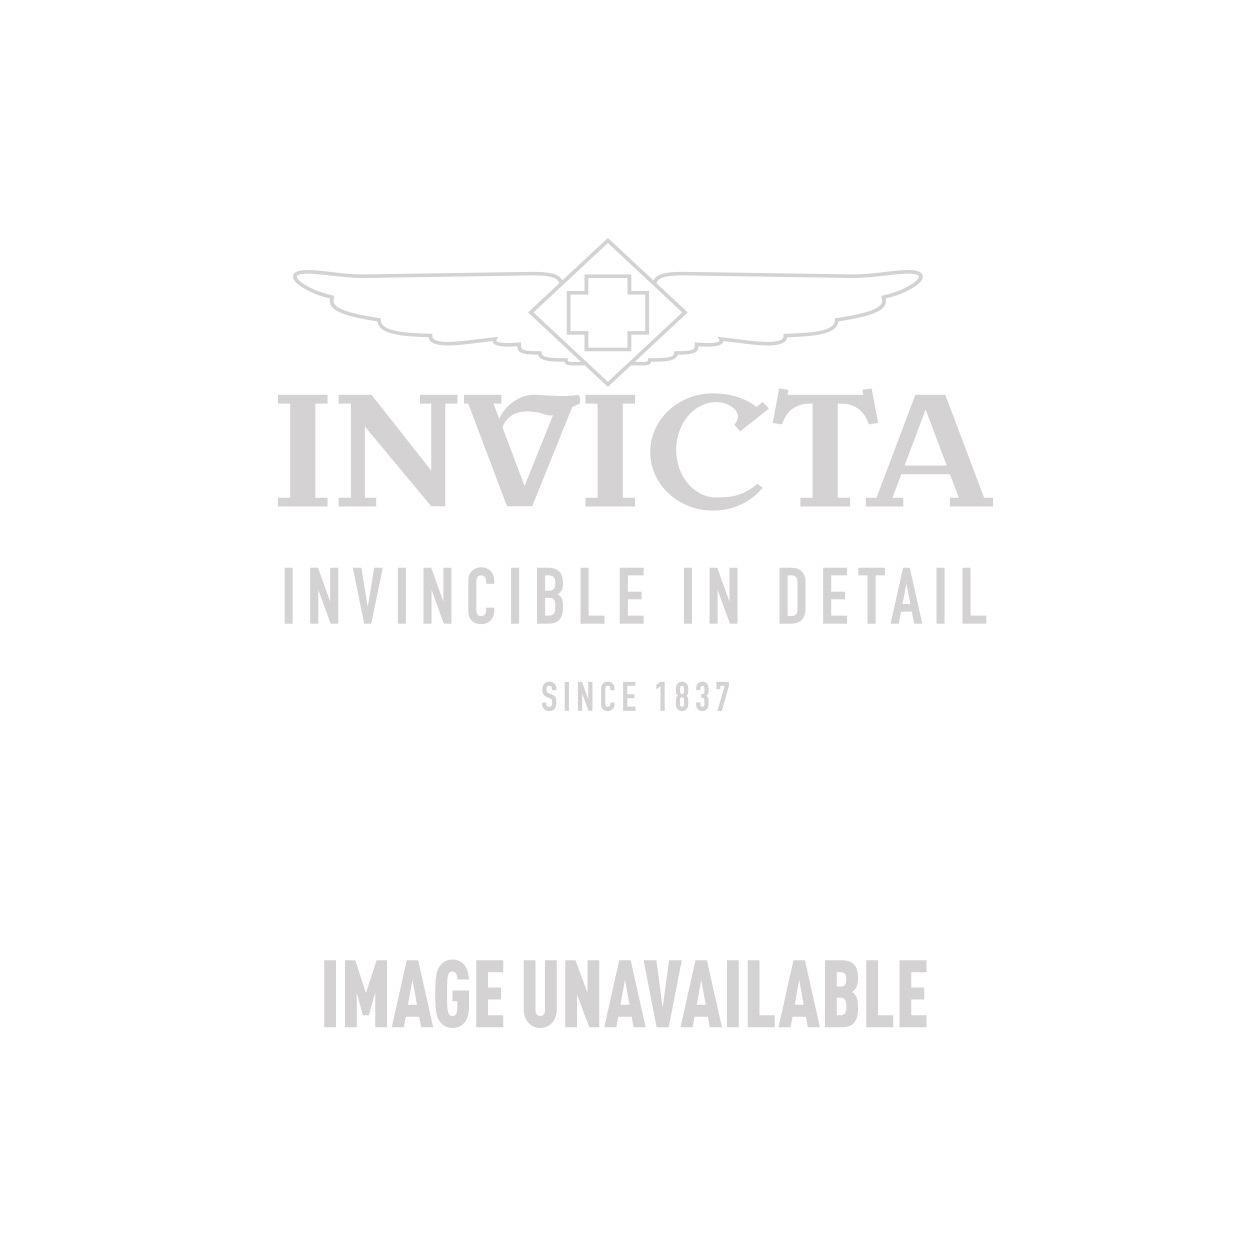 Invicta Model 28090